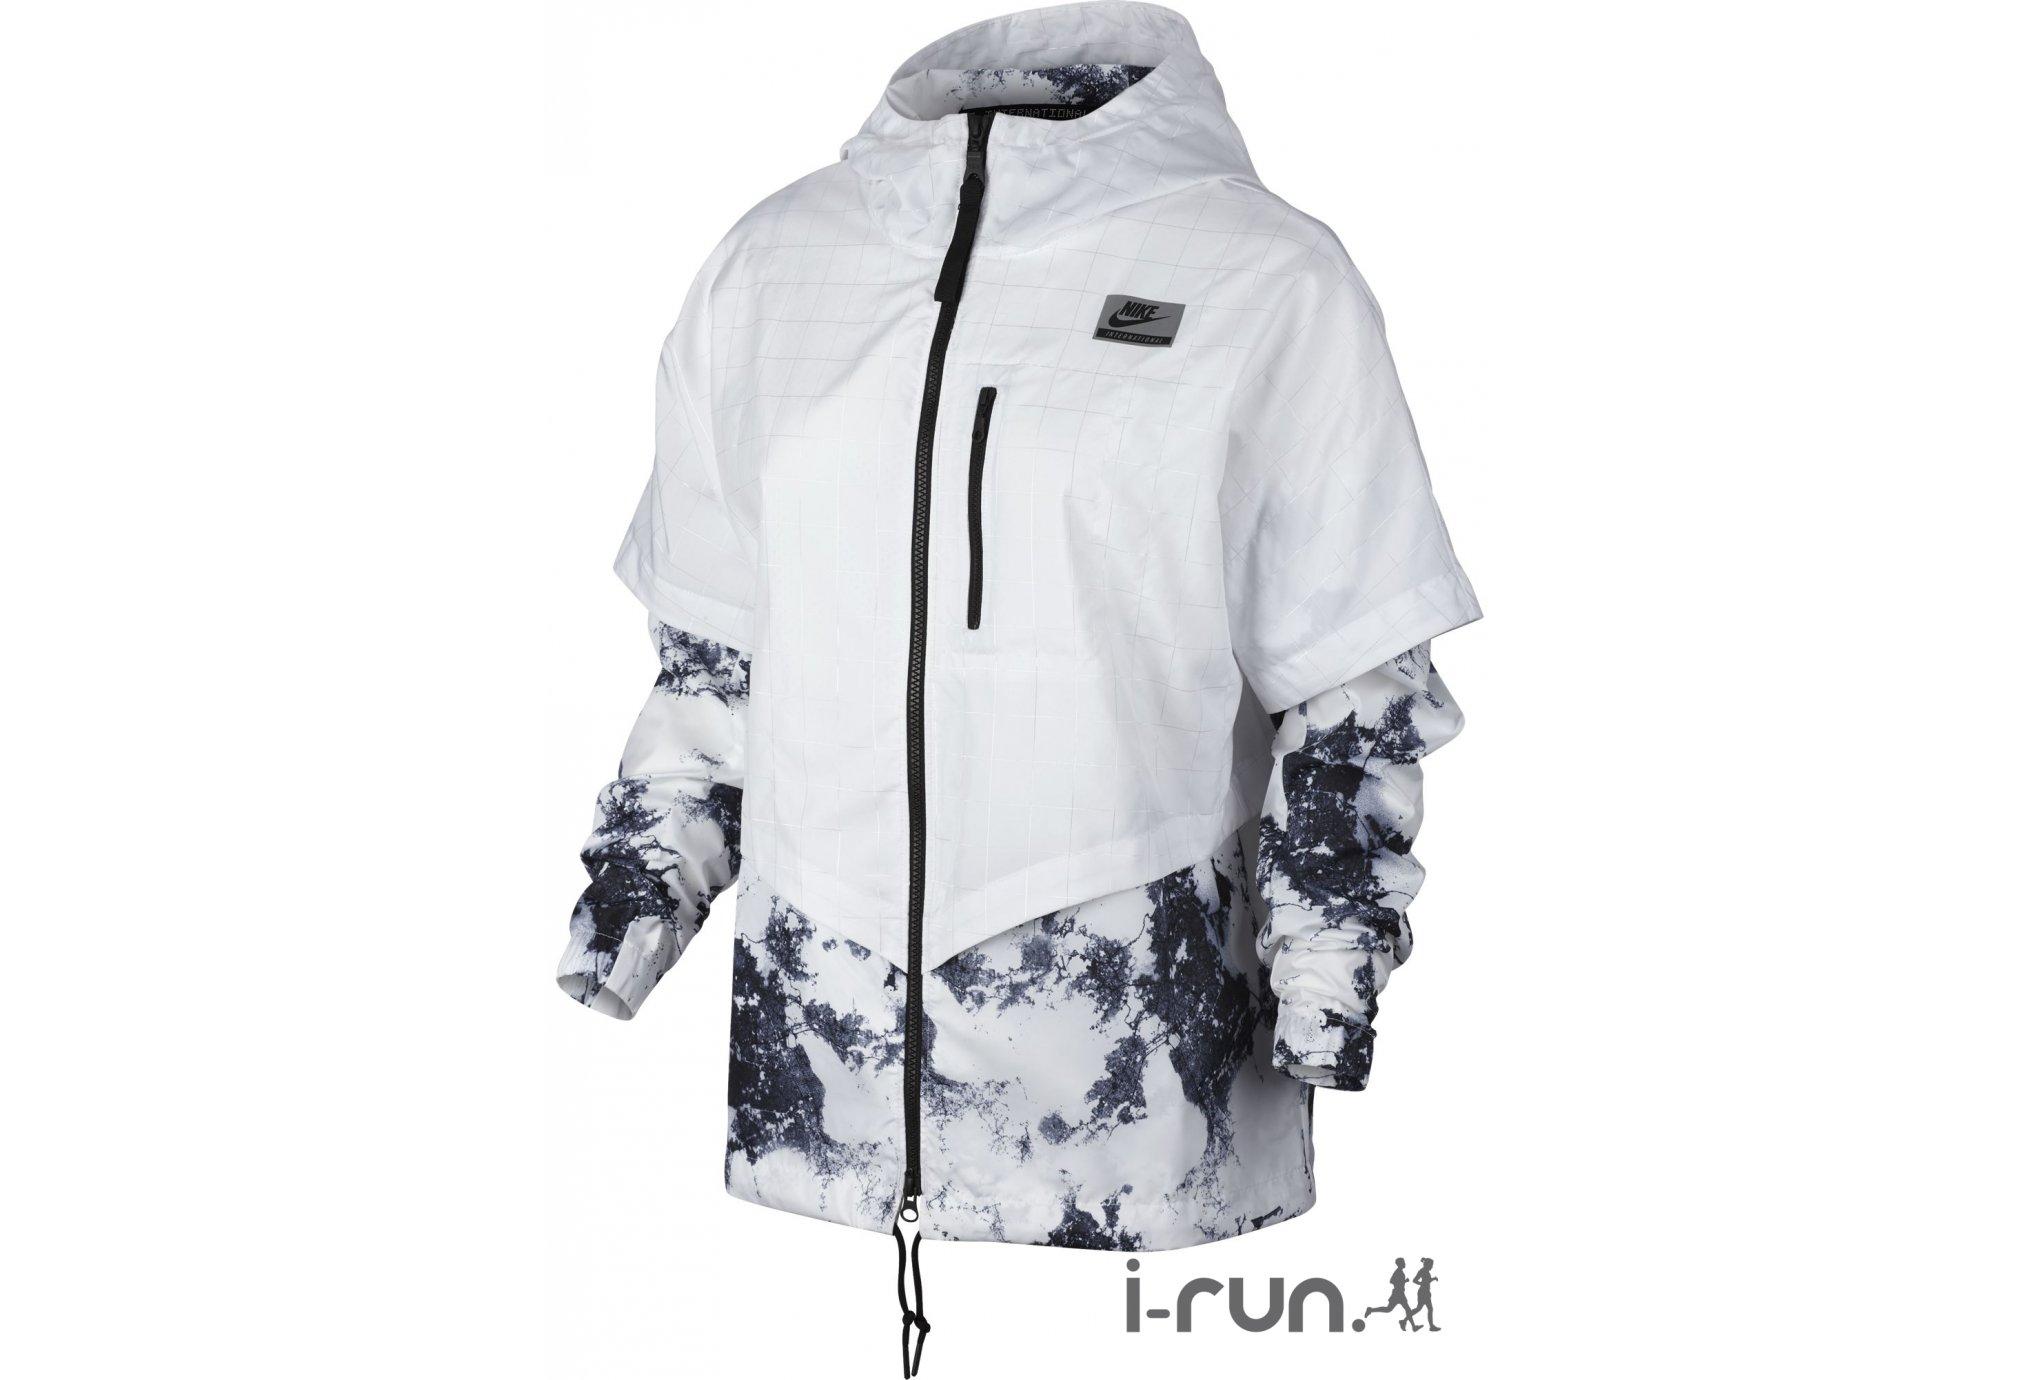 Découvrez la version Rio de Janeiro de la veste Nike International Windrunner blanche et